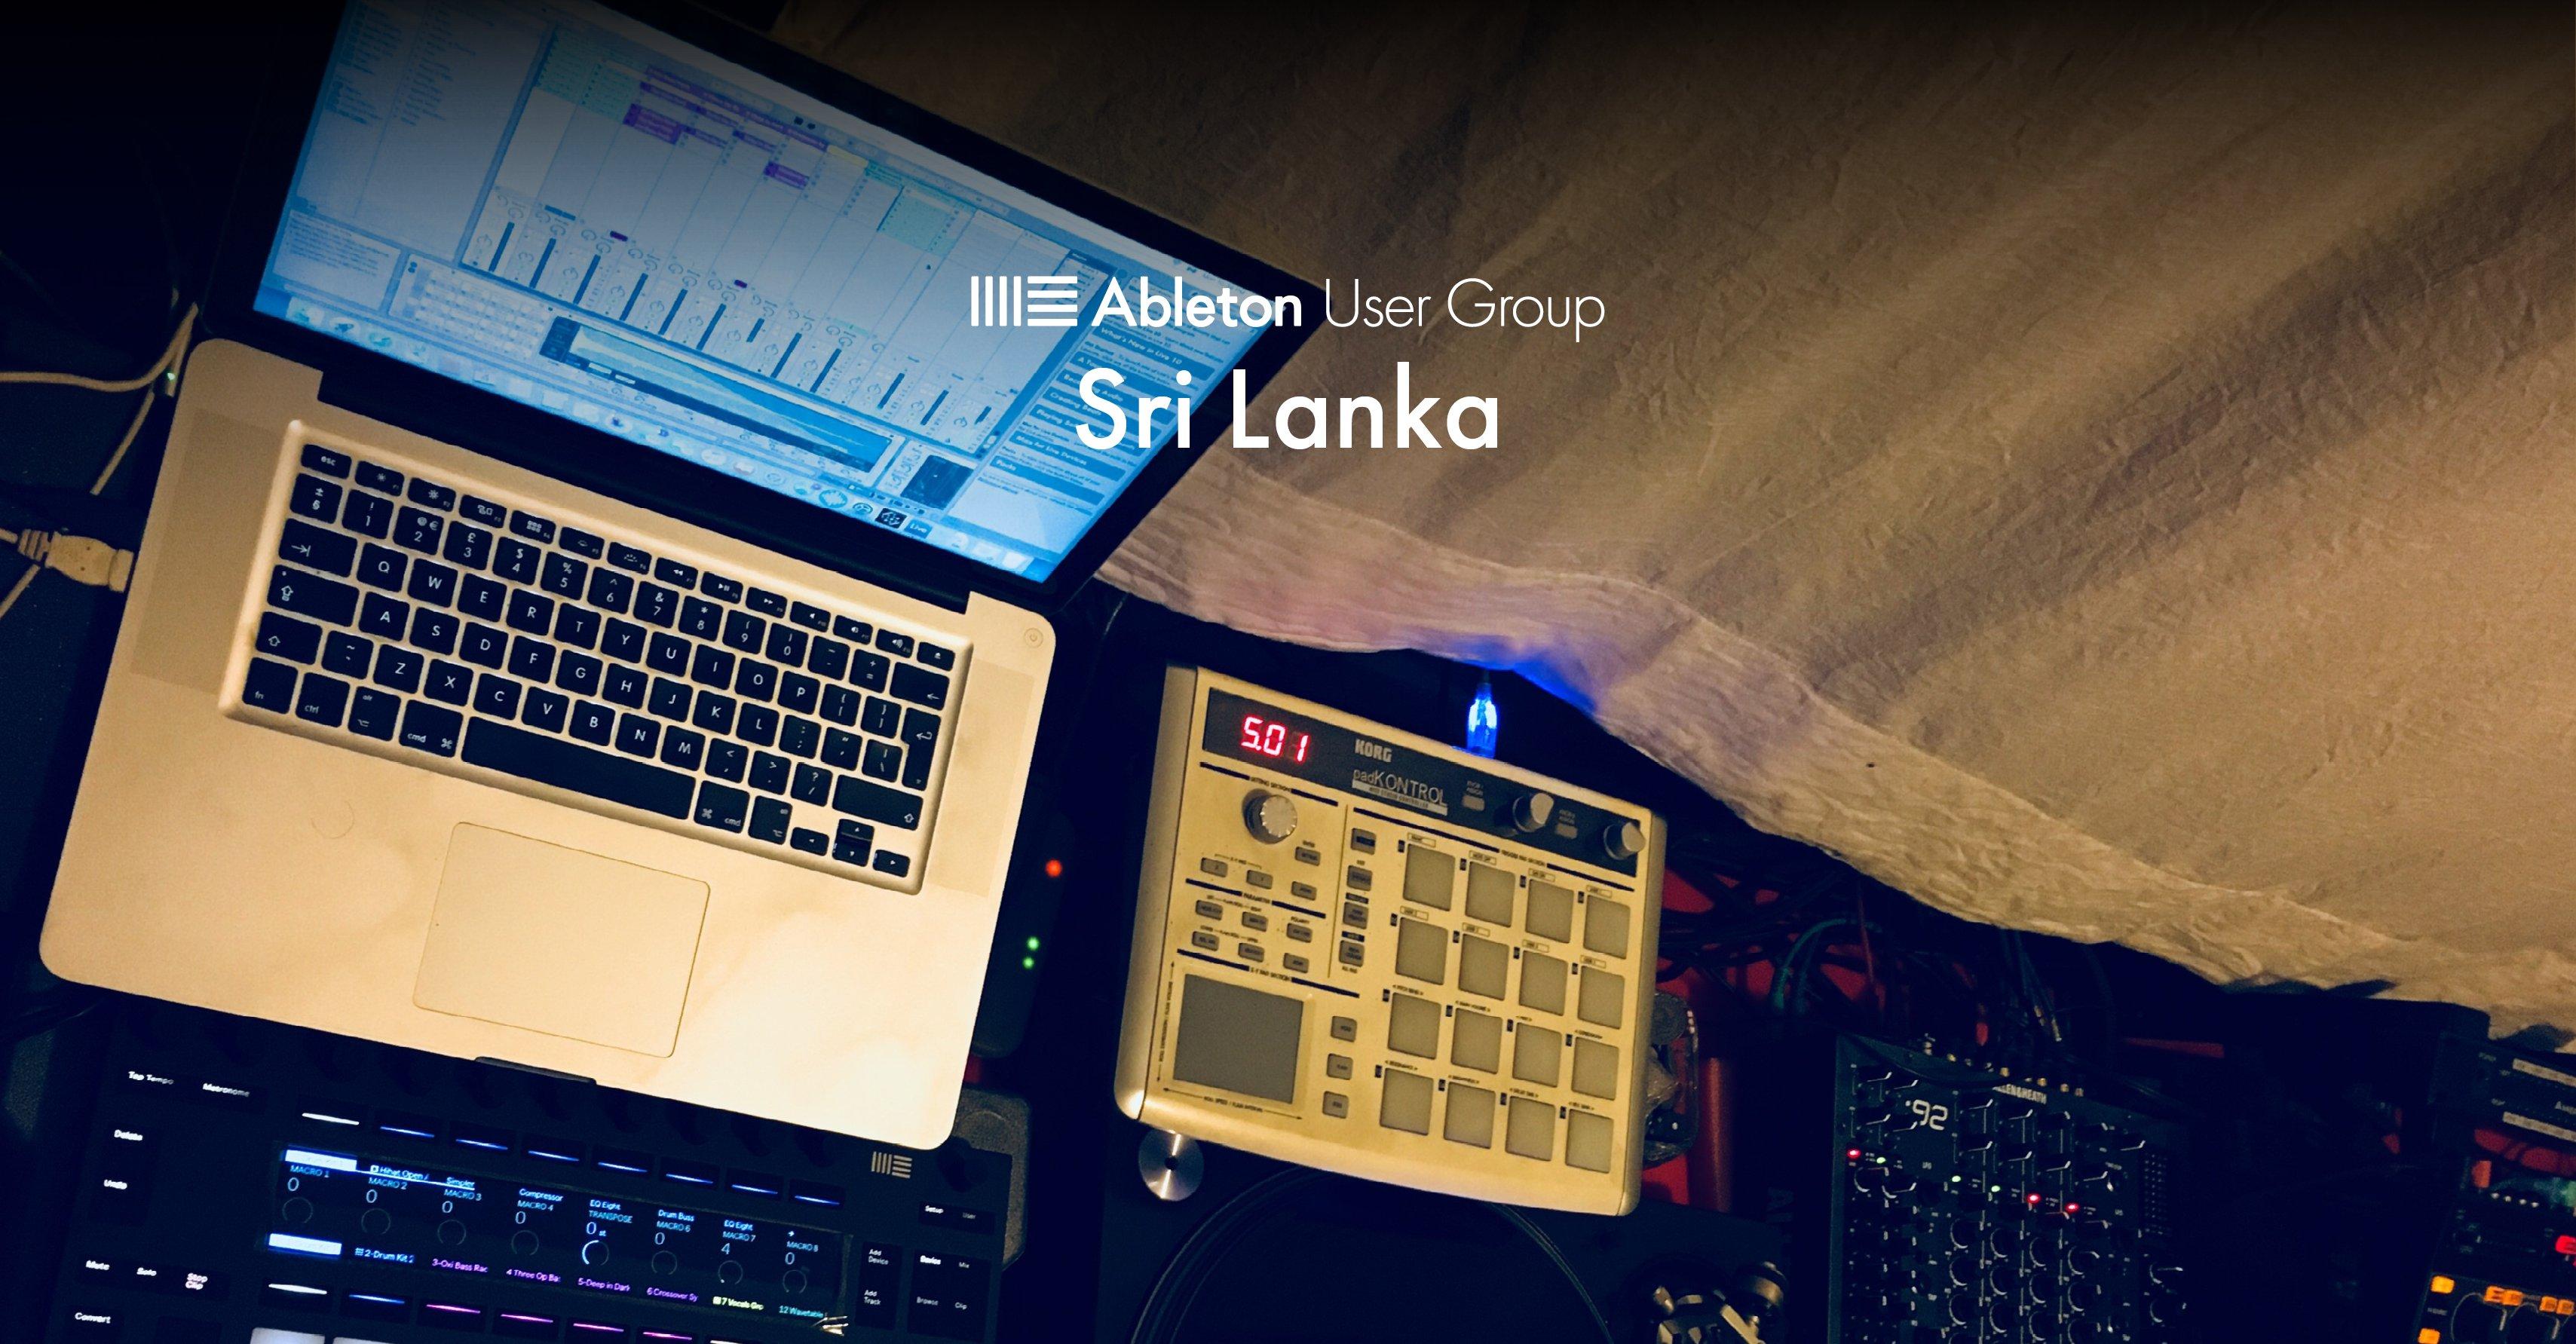 Sri Lanka UG FB Banner.png